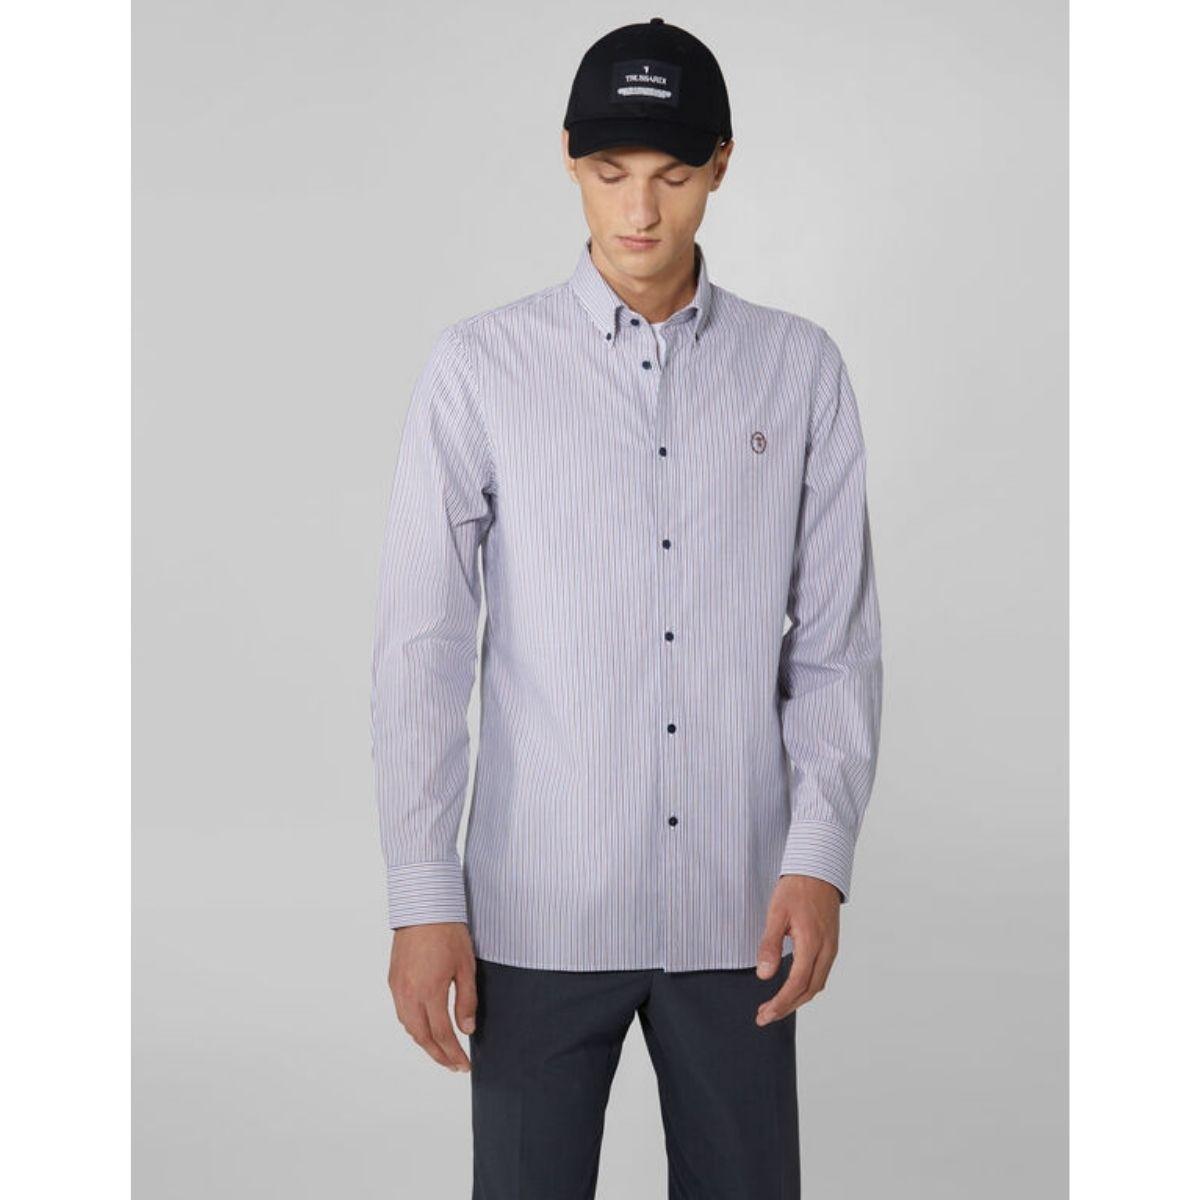 Camicia Trussardi Button...